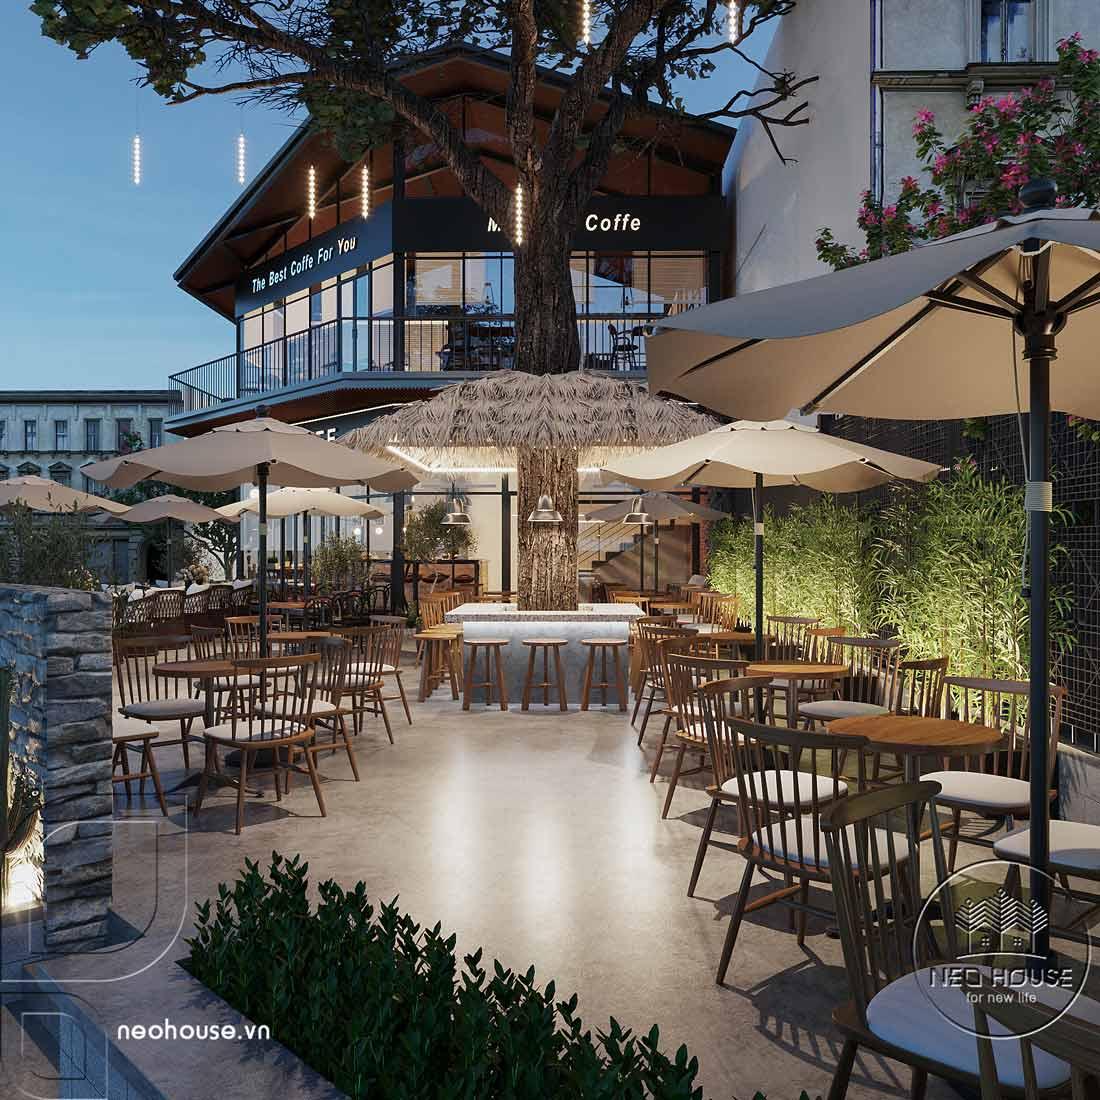 Thiết kế nội thất quán cafe sân vườn hiện đại. Ảnh 4